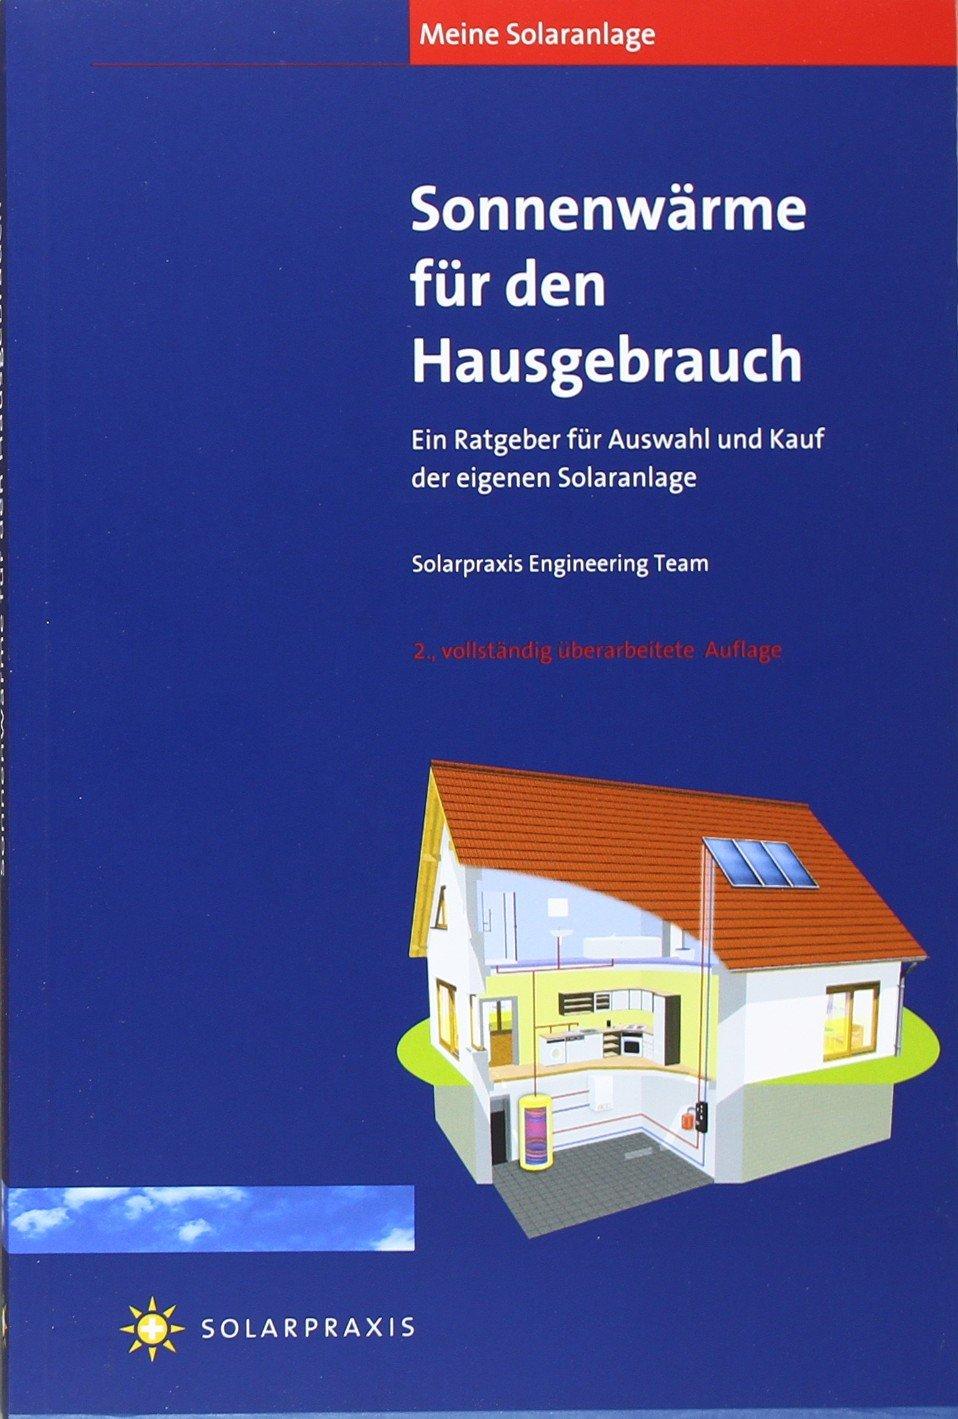 Meine Solaranlage: Sonnenwärme für den Hausgebrauch: Ein Ratgeber für Auswahl und Kauf der eigenen Solaranlage